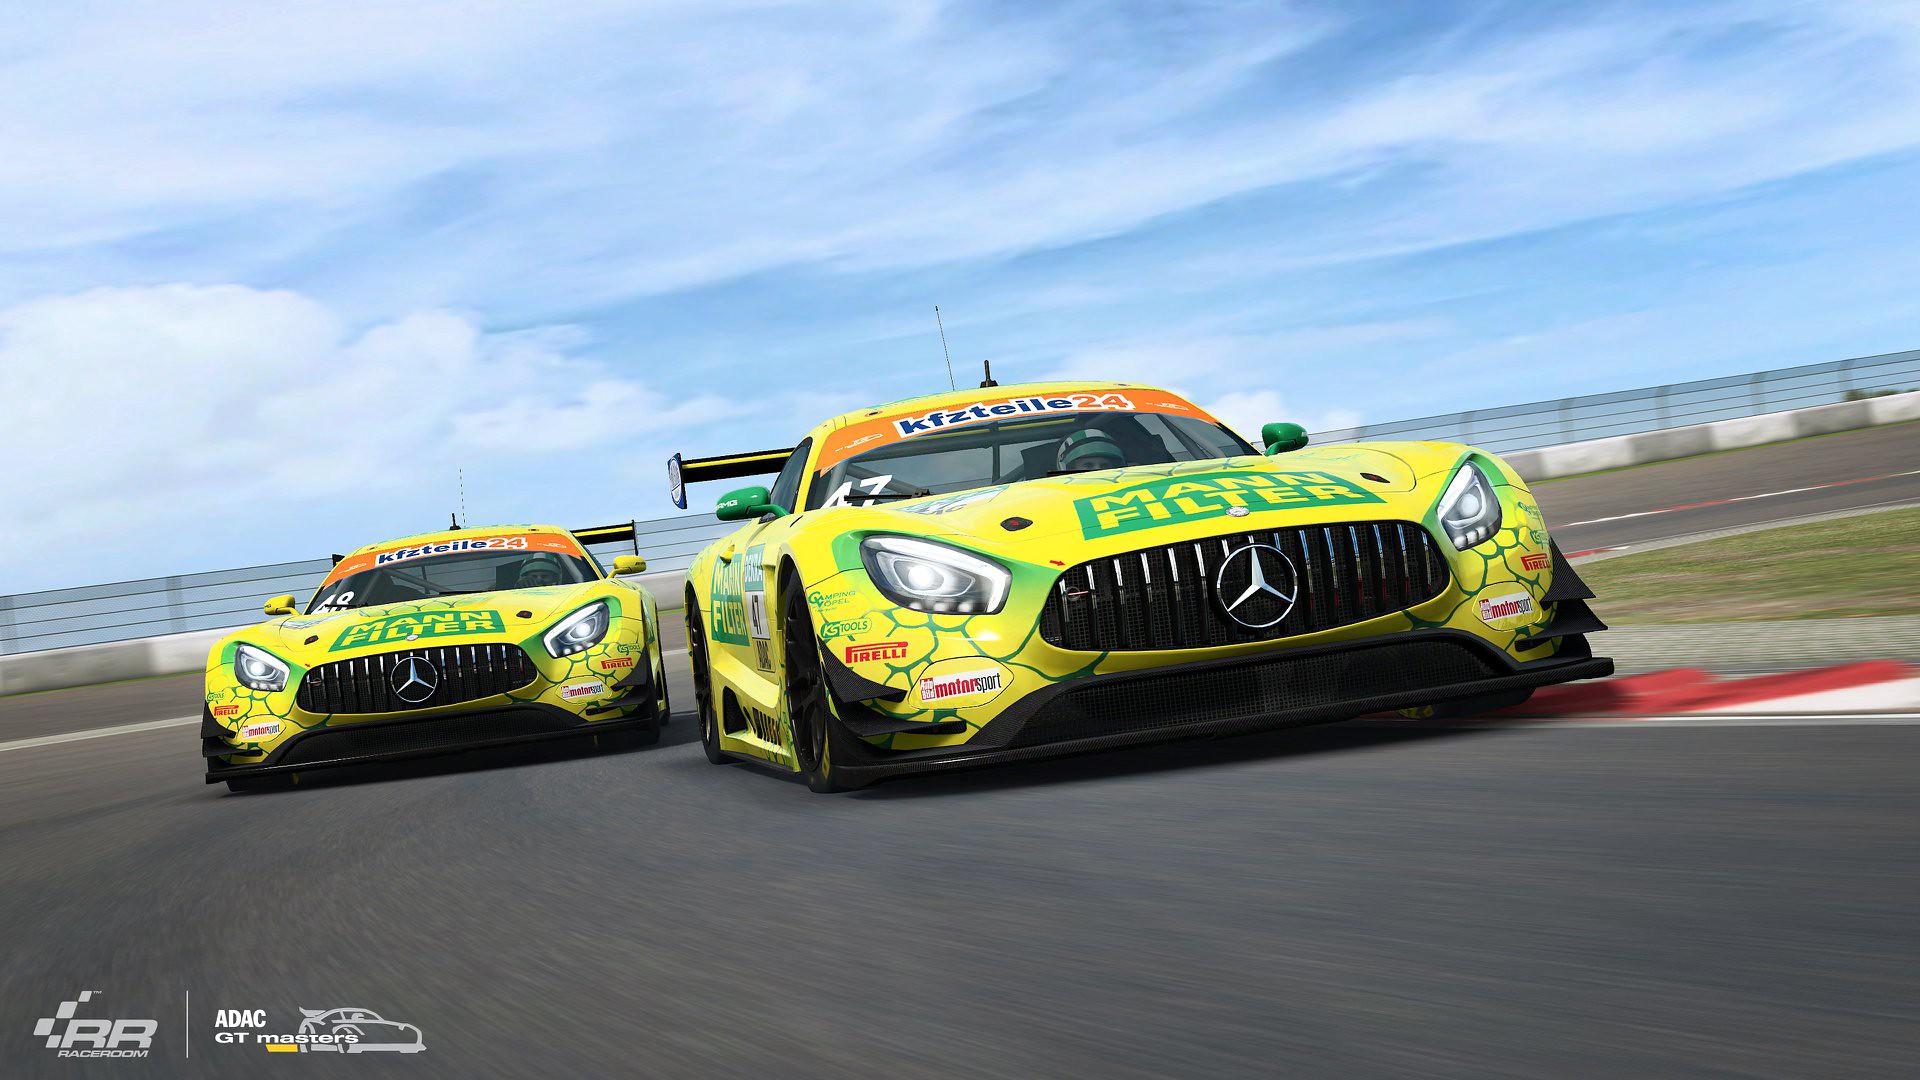 4 RaceRooom Mercedes-AMG teams of ADAC GT Masters 2018